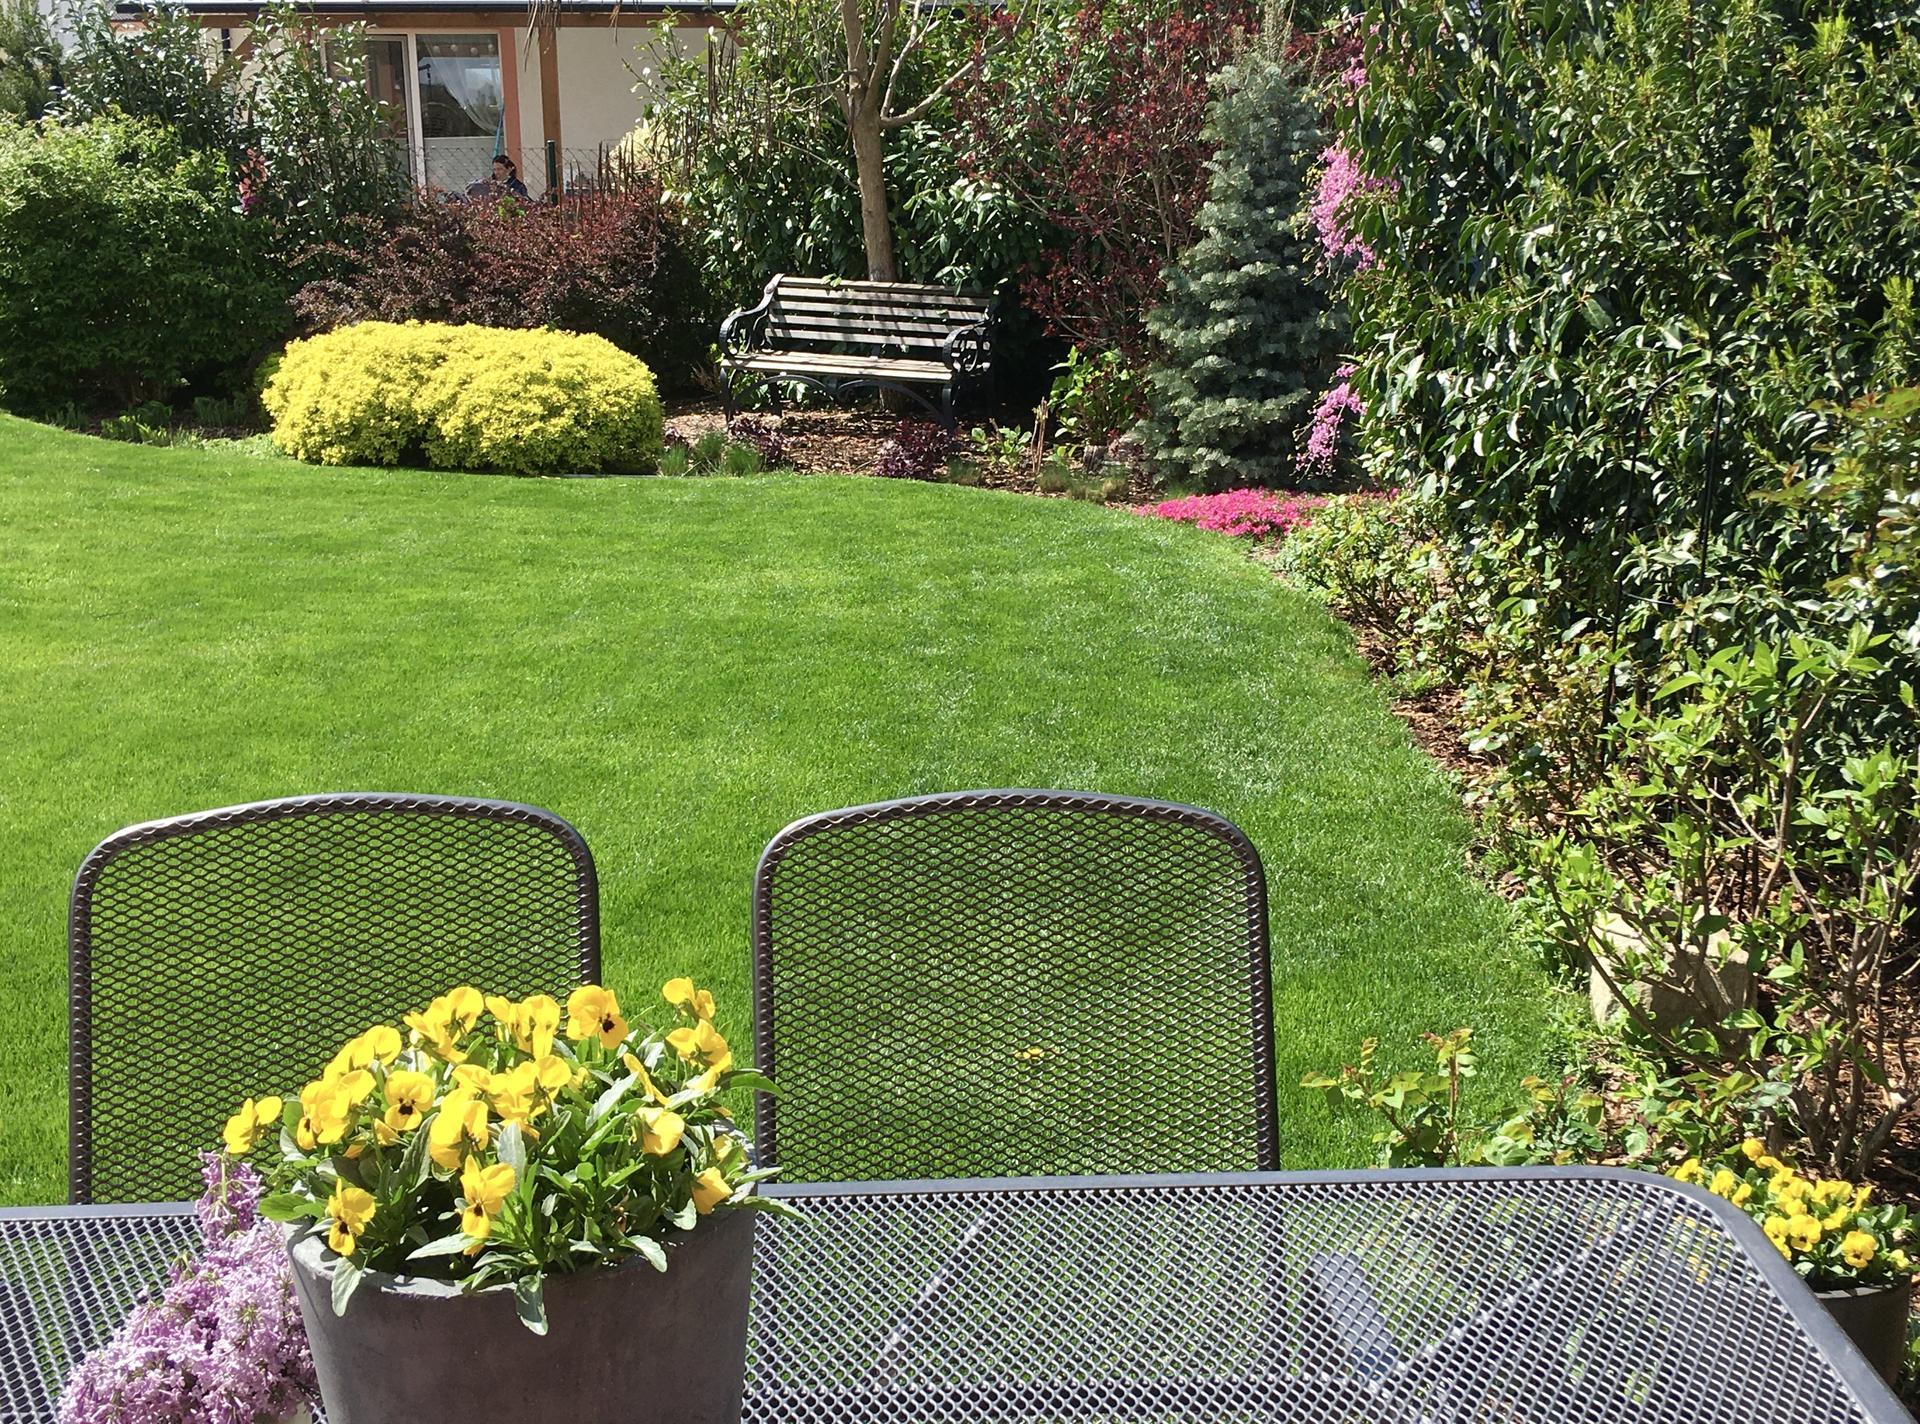 Zahrada 2020 - vyhled od stolu na terase